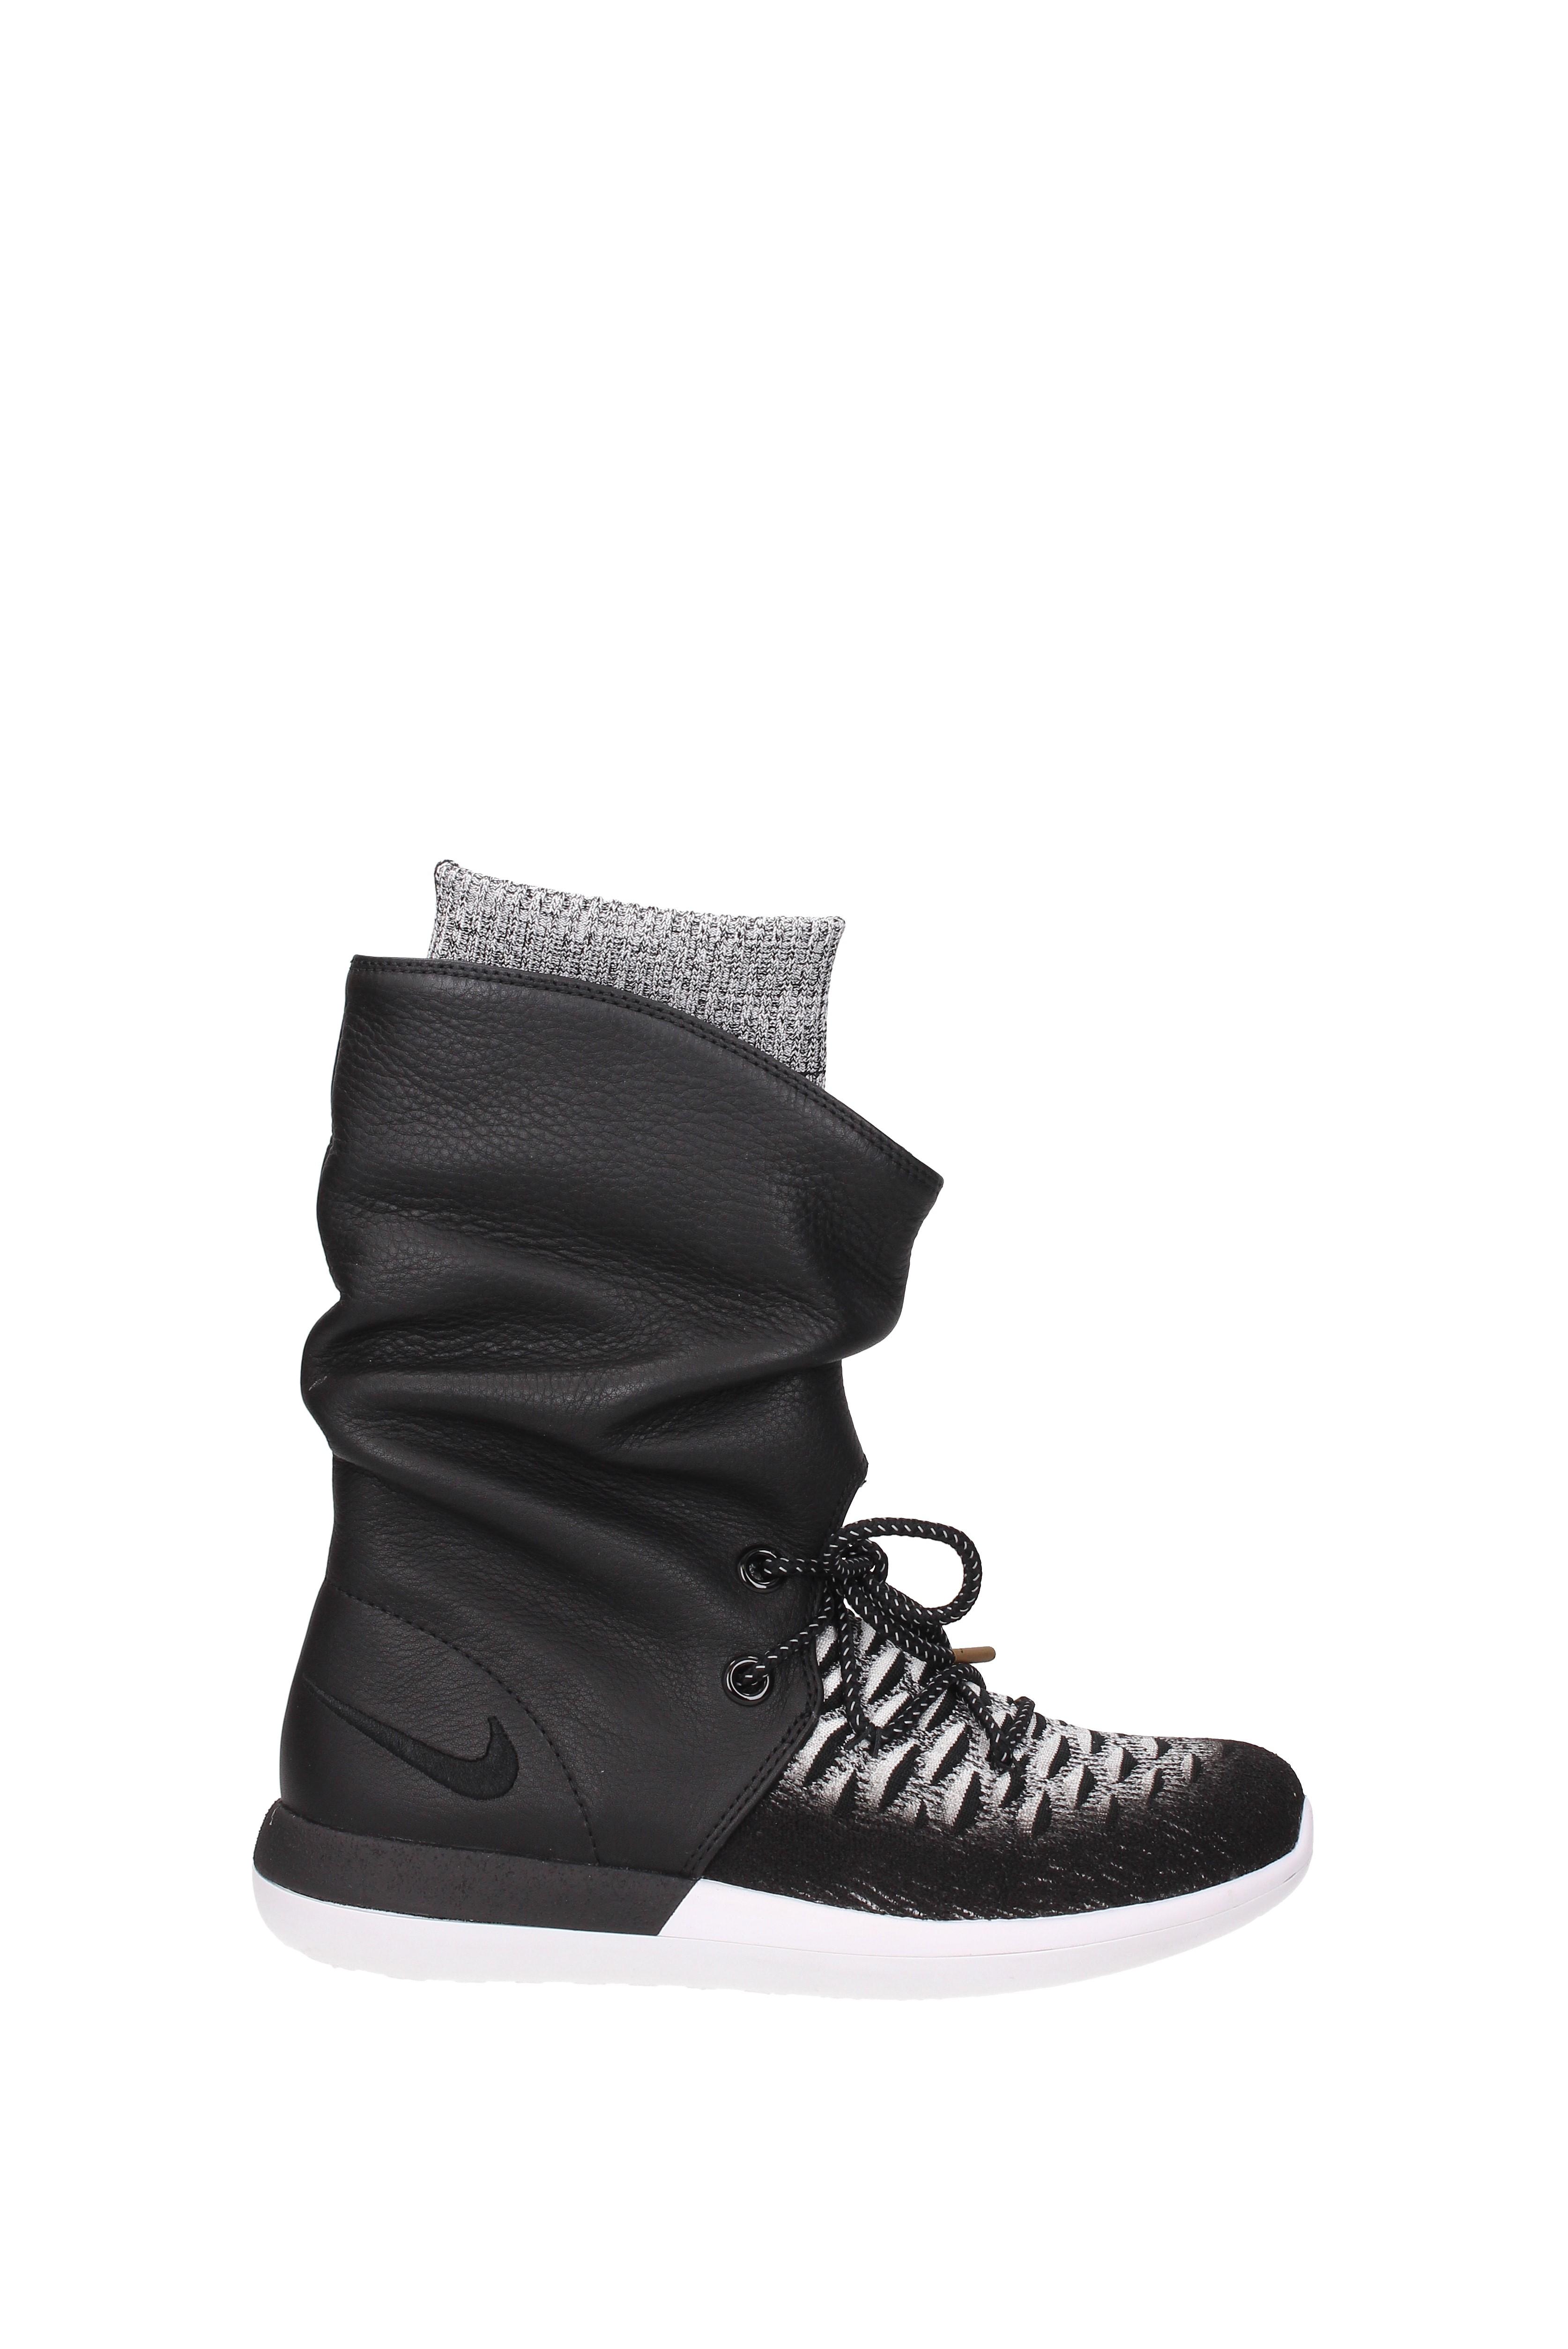 on sale 17d5c 352d7 ... switzerland sneakers nike w roshe two hi flyknit women b4a40 a888b ...